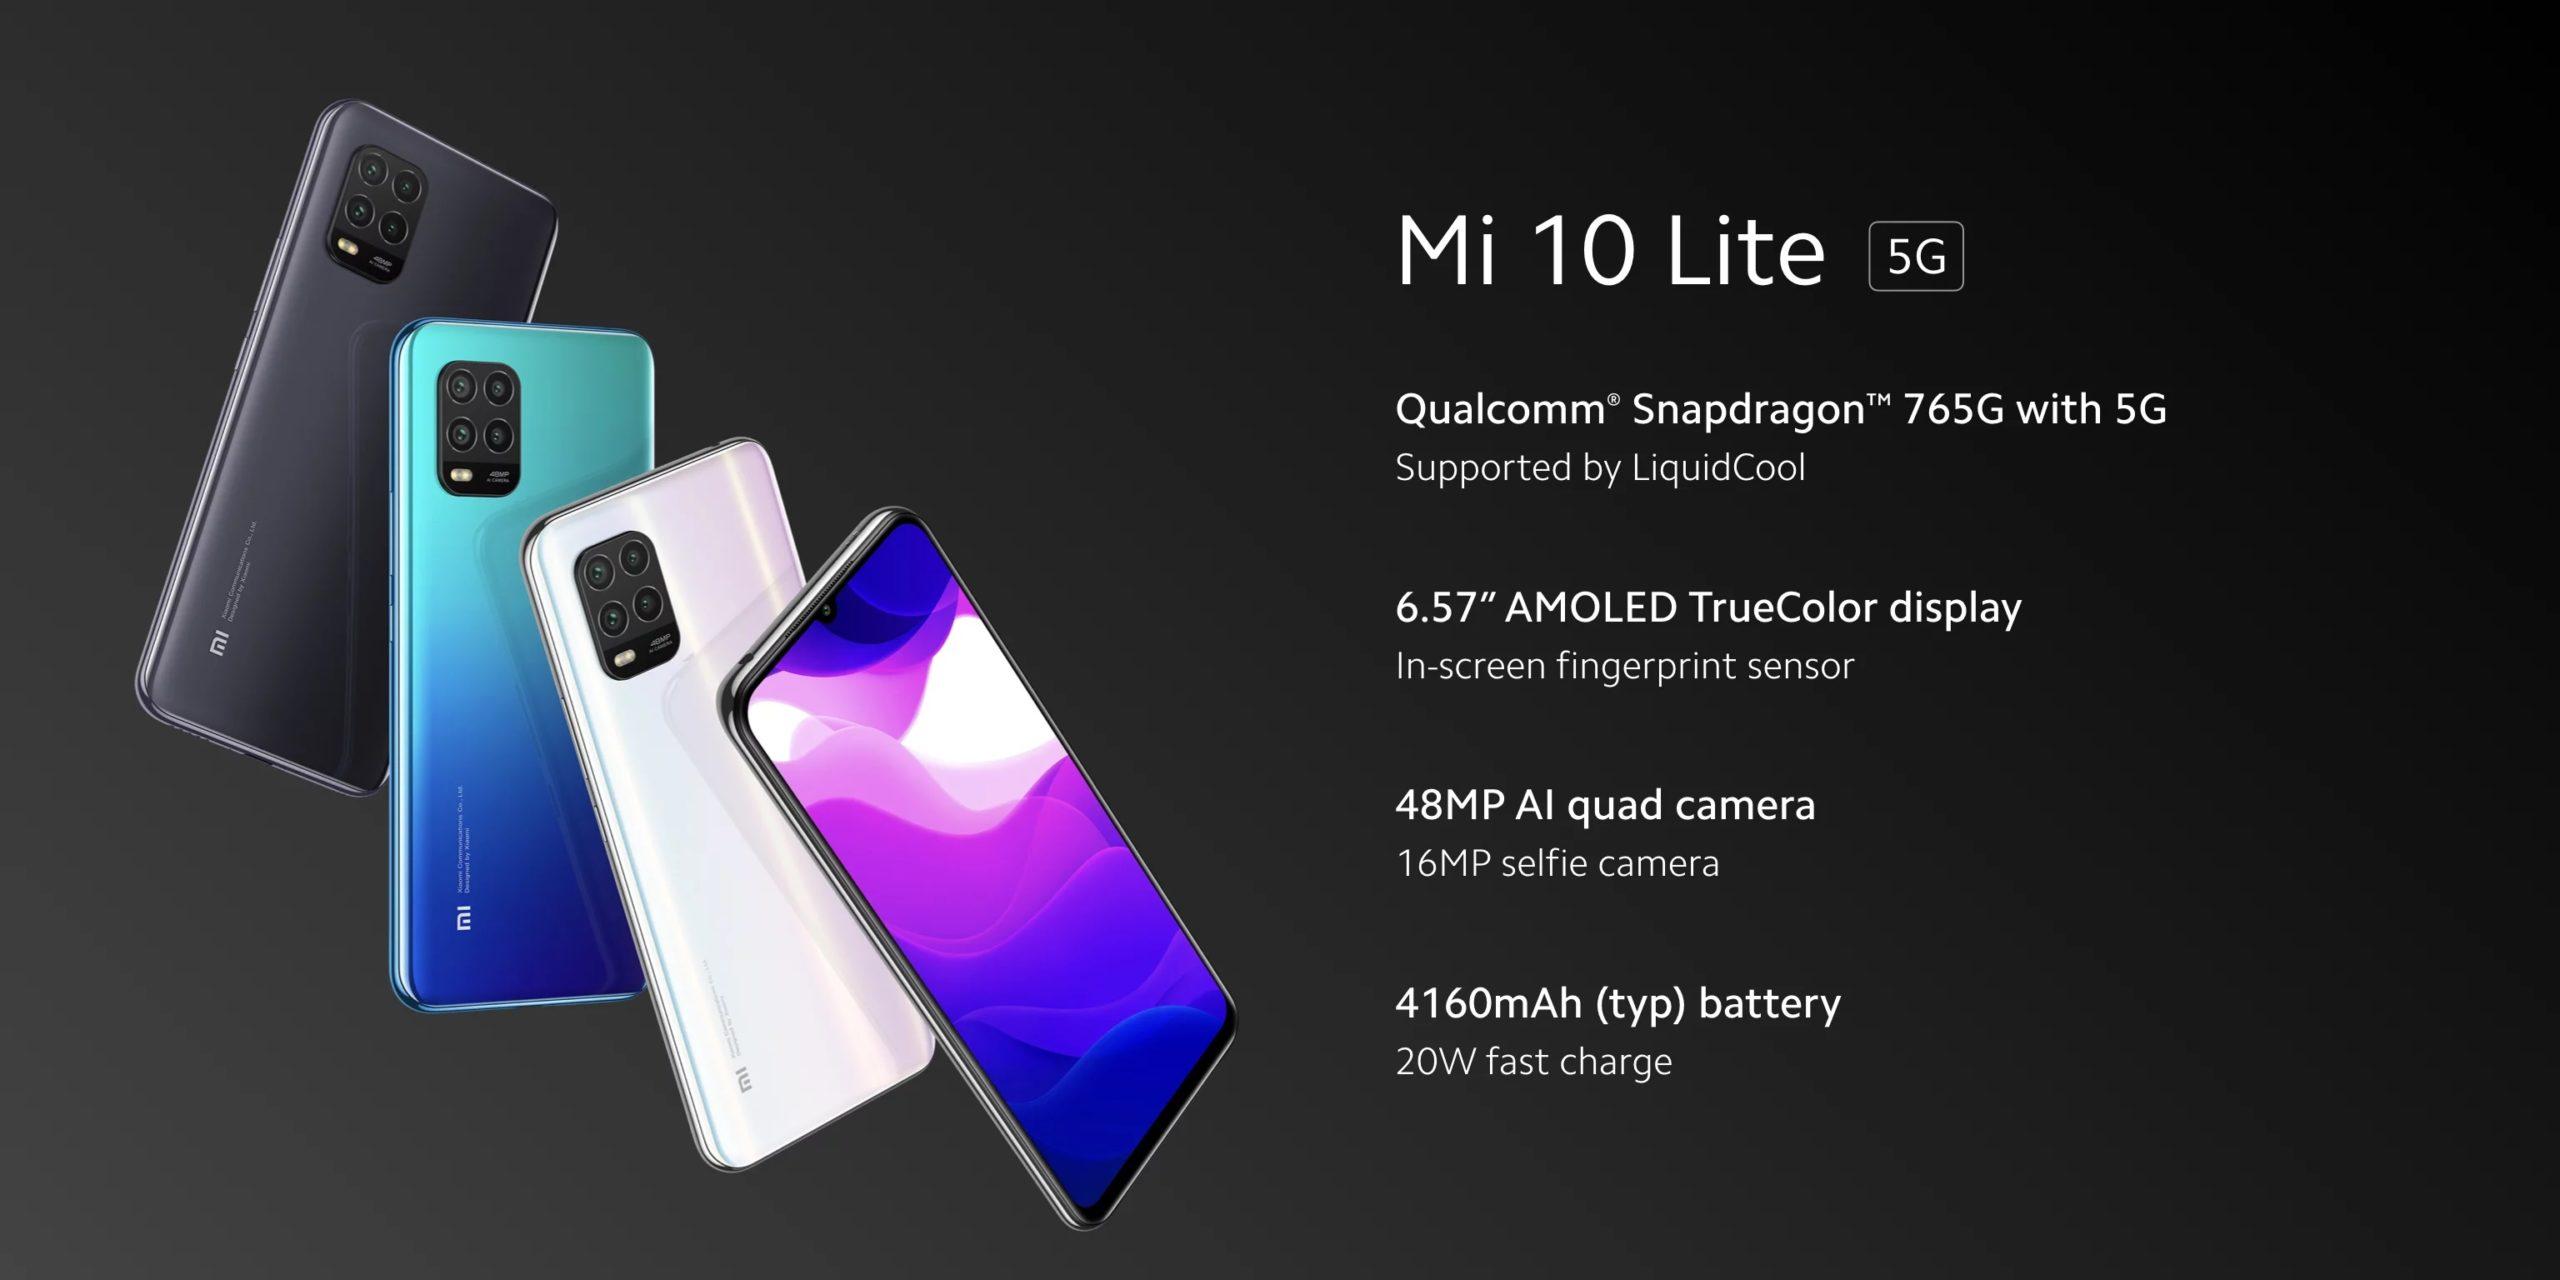 Manuale Xiaomi Mi 10 Lite libretto istruzioni PDF Scarica